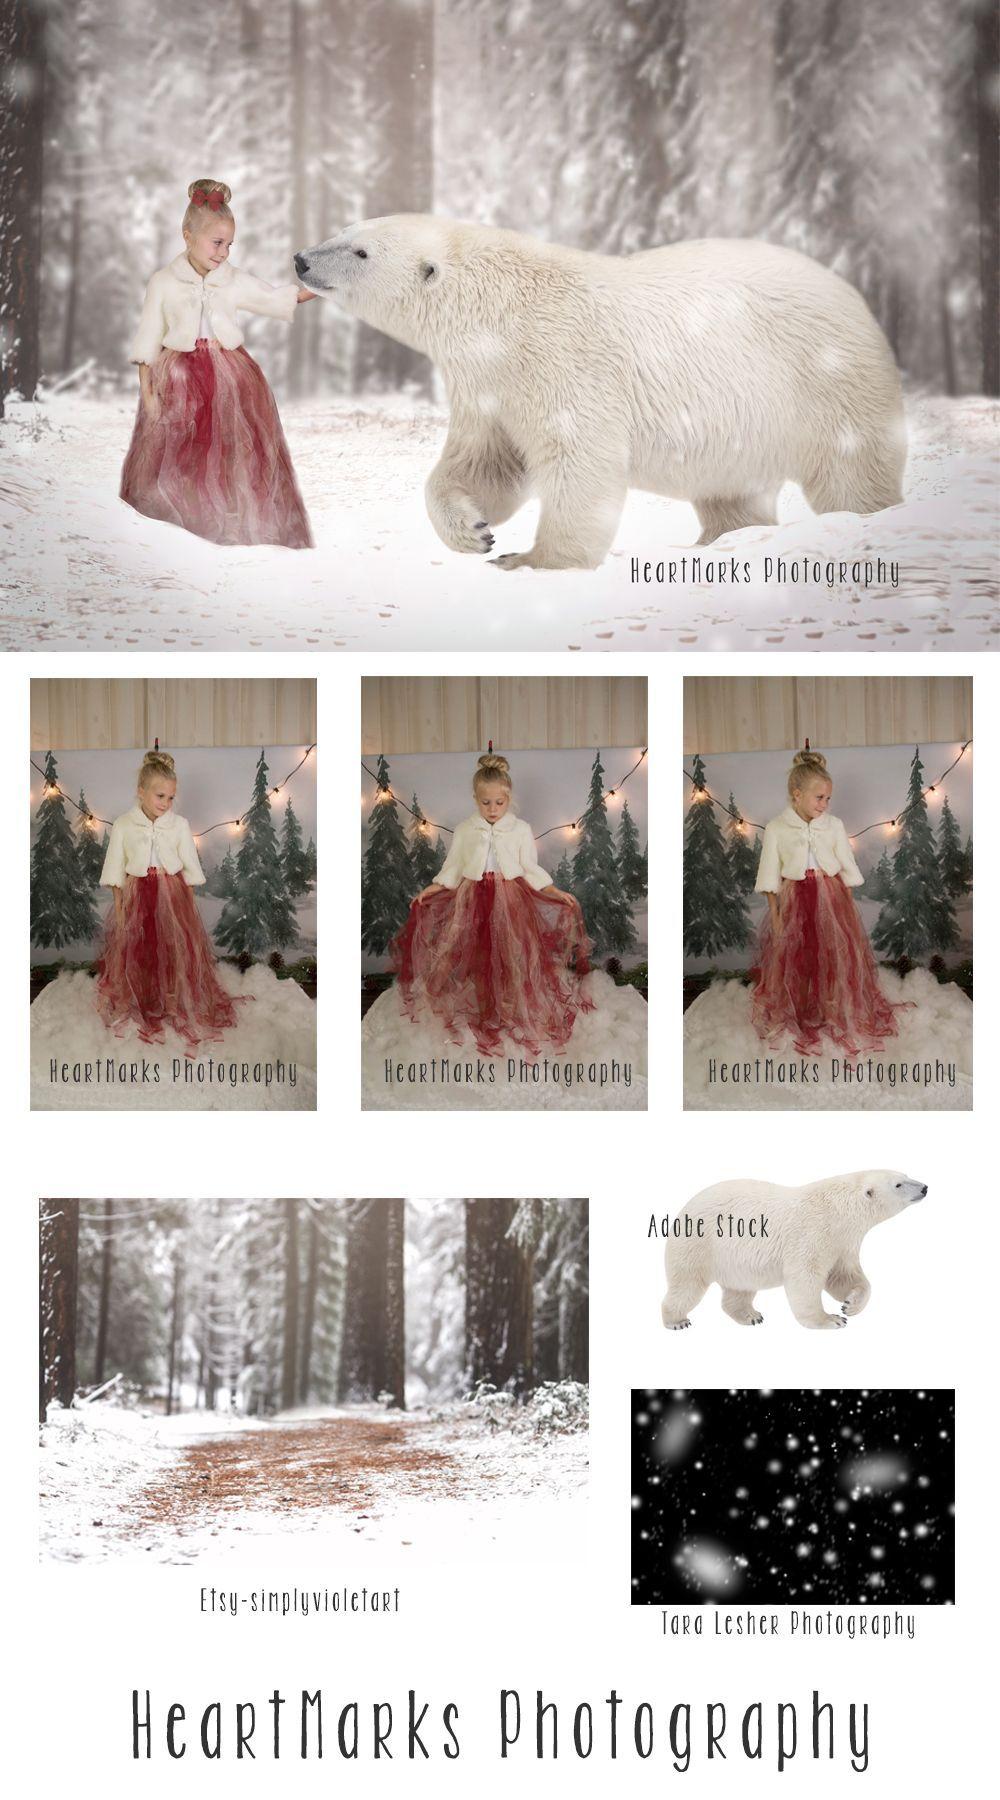 Photoshop composite winter wonderland by heartmarks photography photoshop composite winter wonderland by heartmarks photography tutorial with tara lesher photography baditri Images